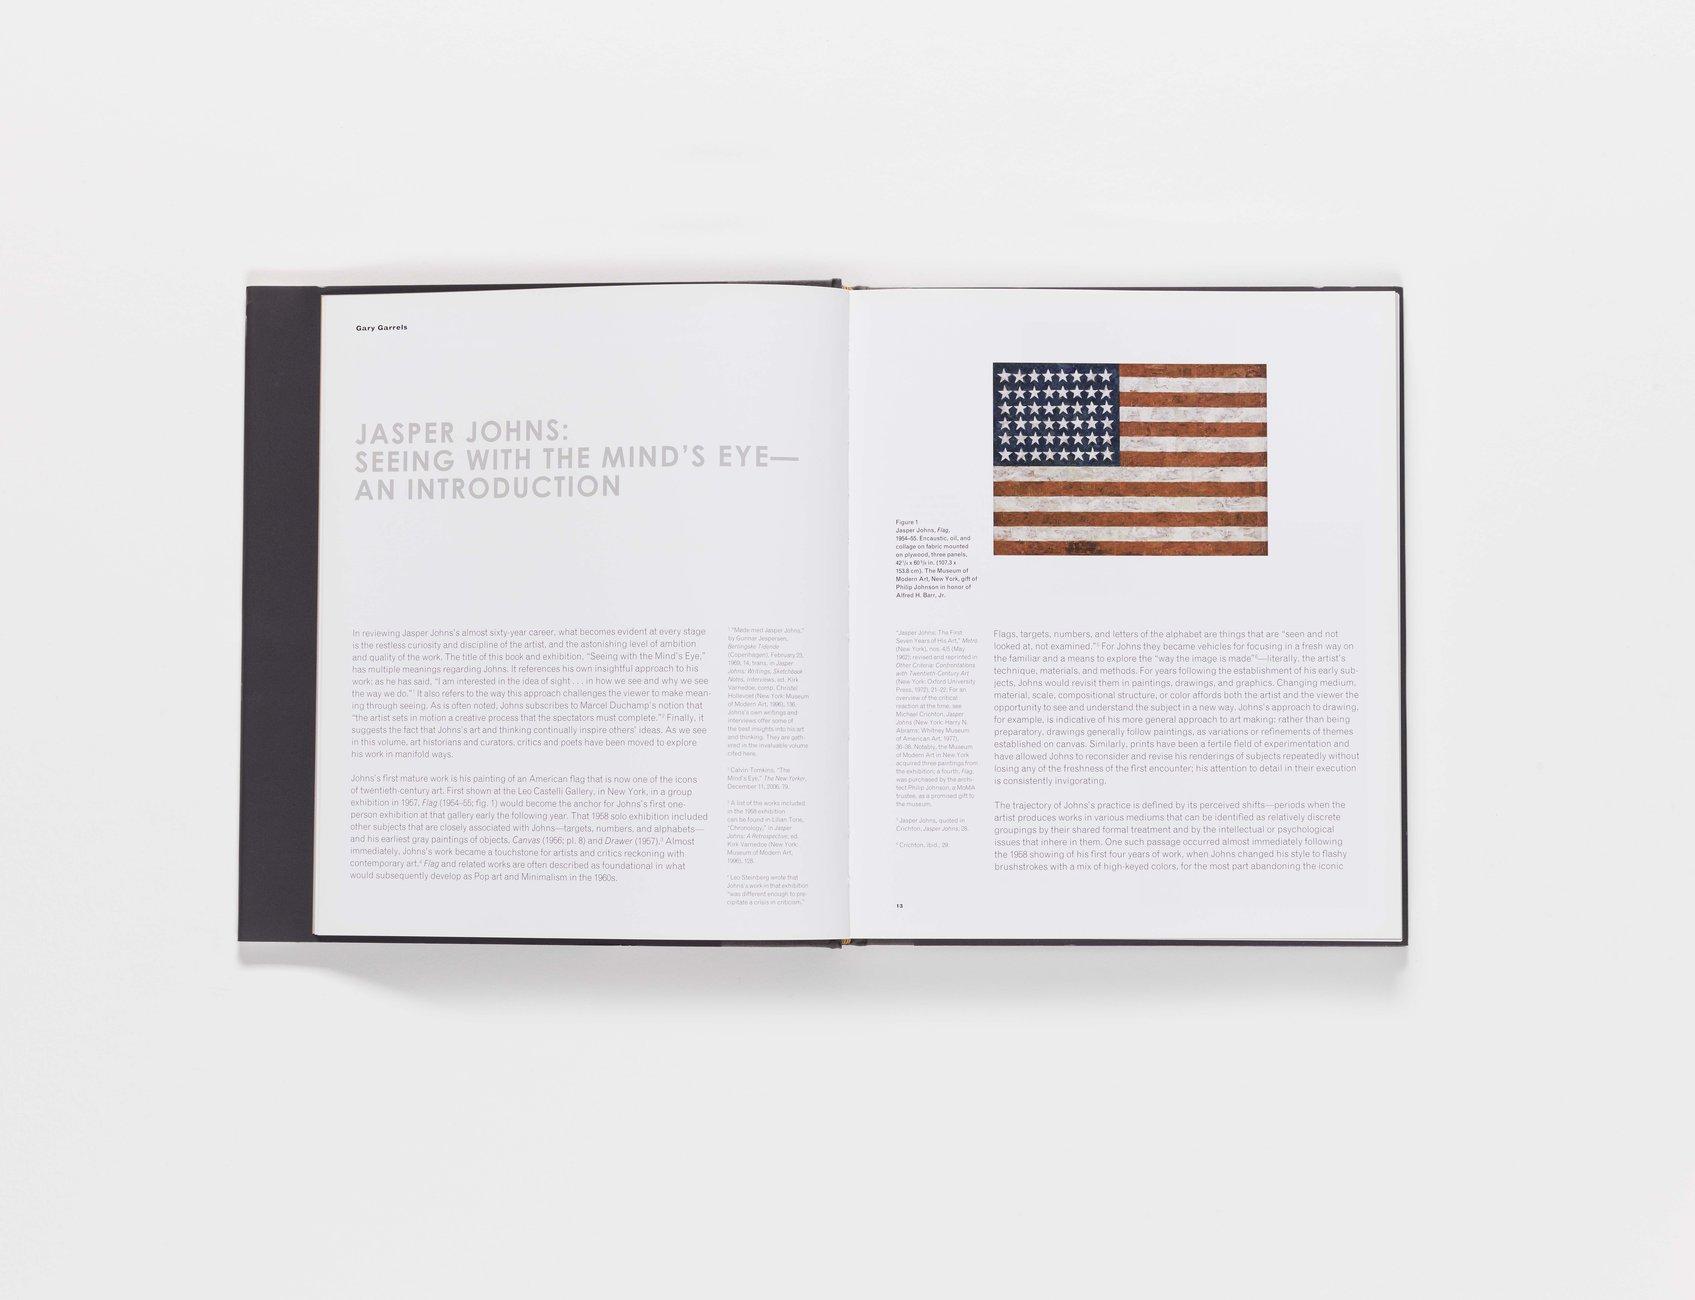 Jasper Johns publication pages 12-13